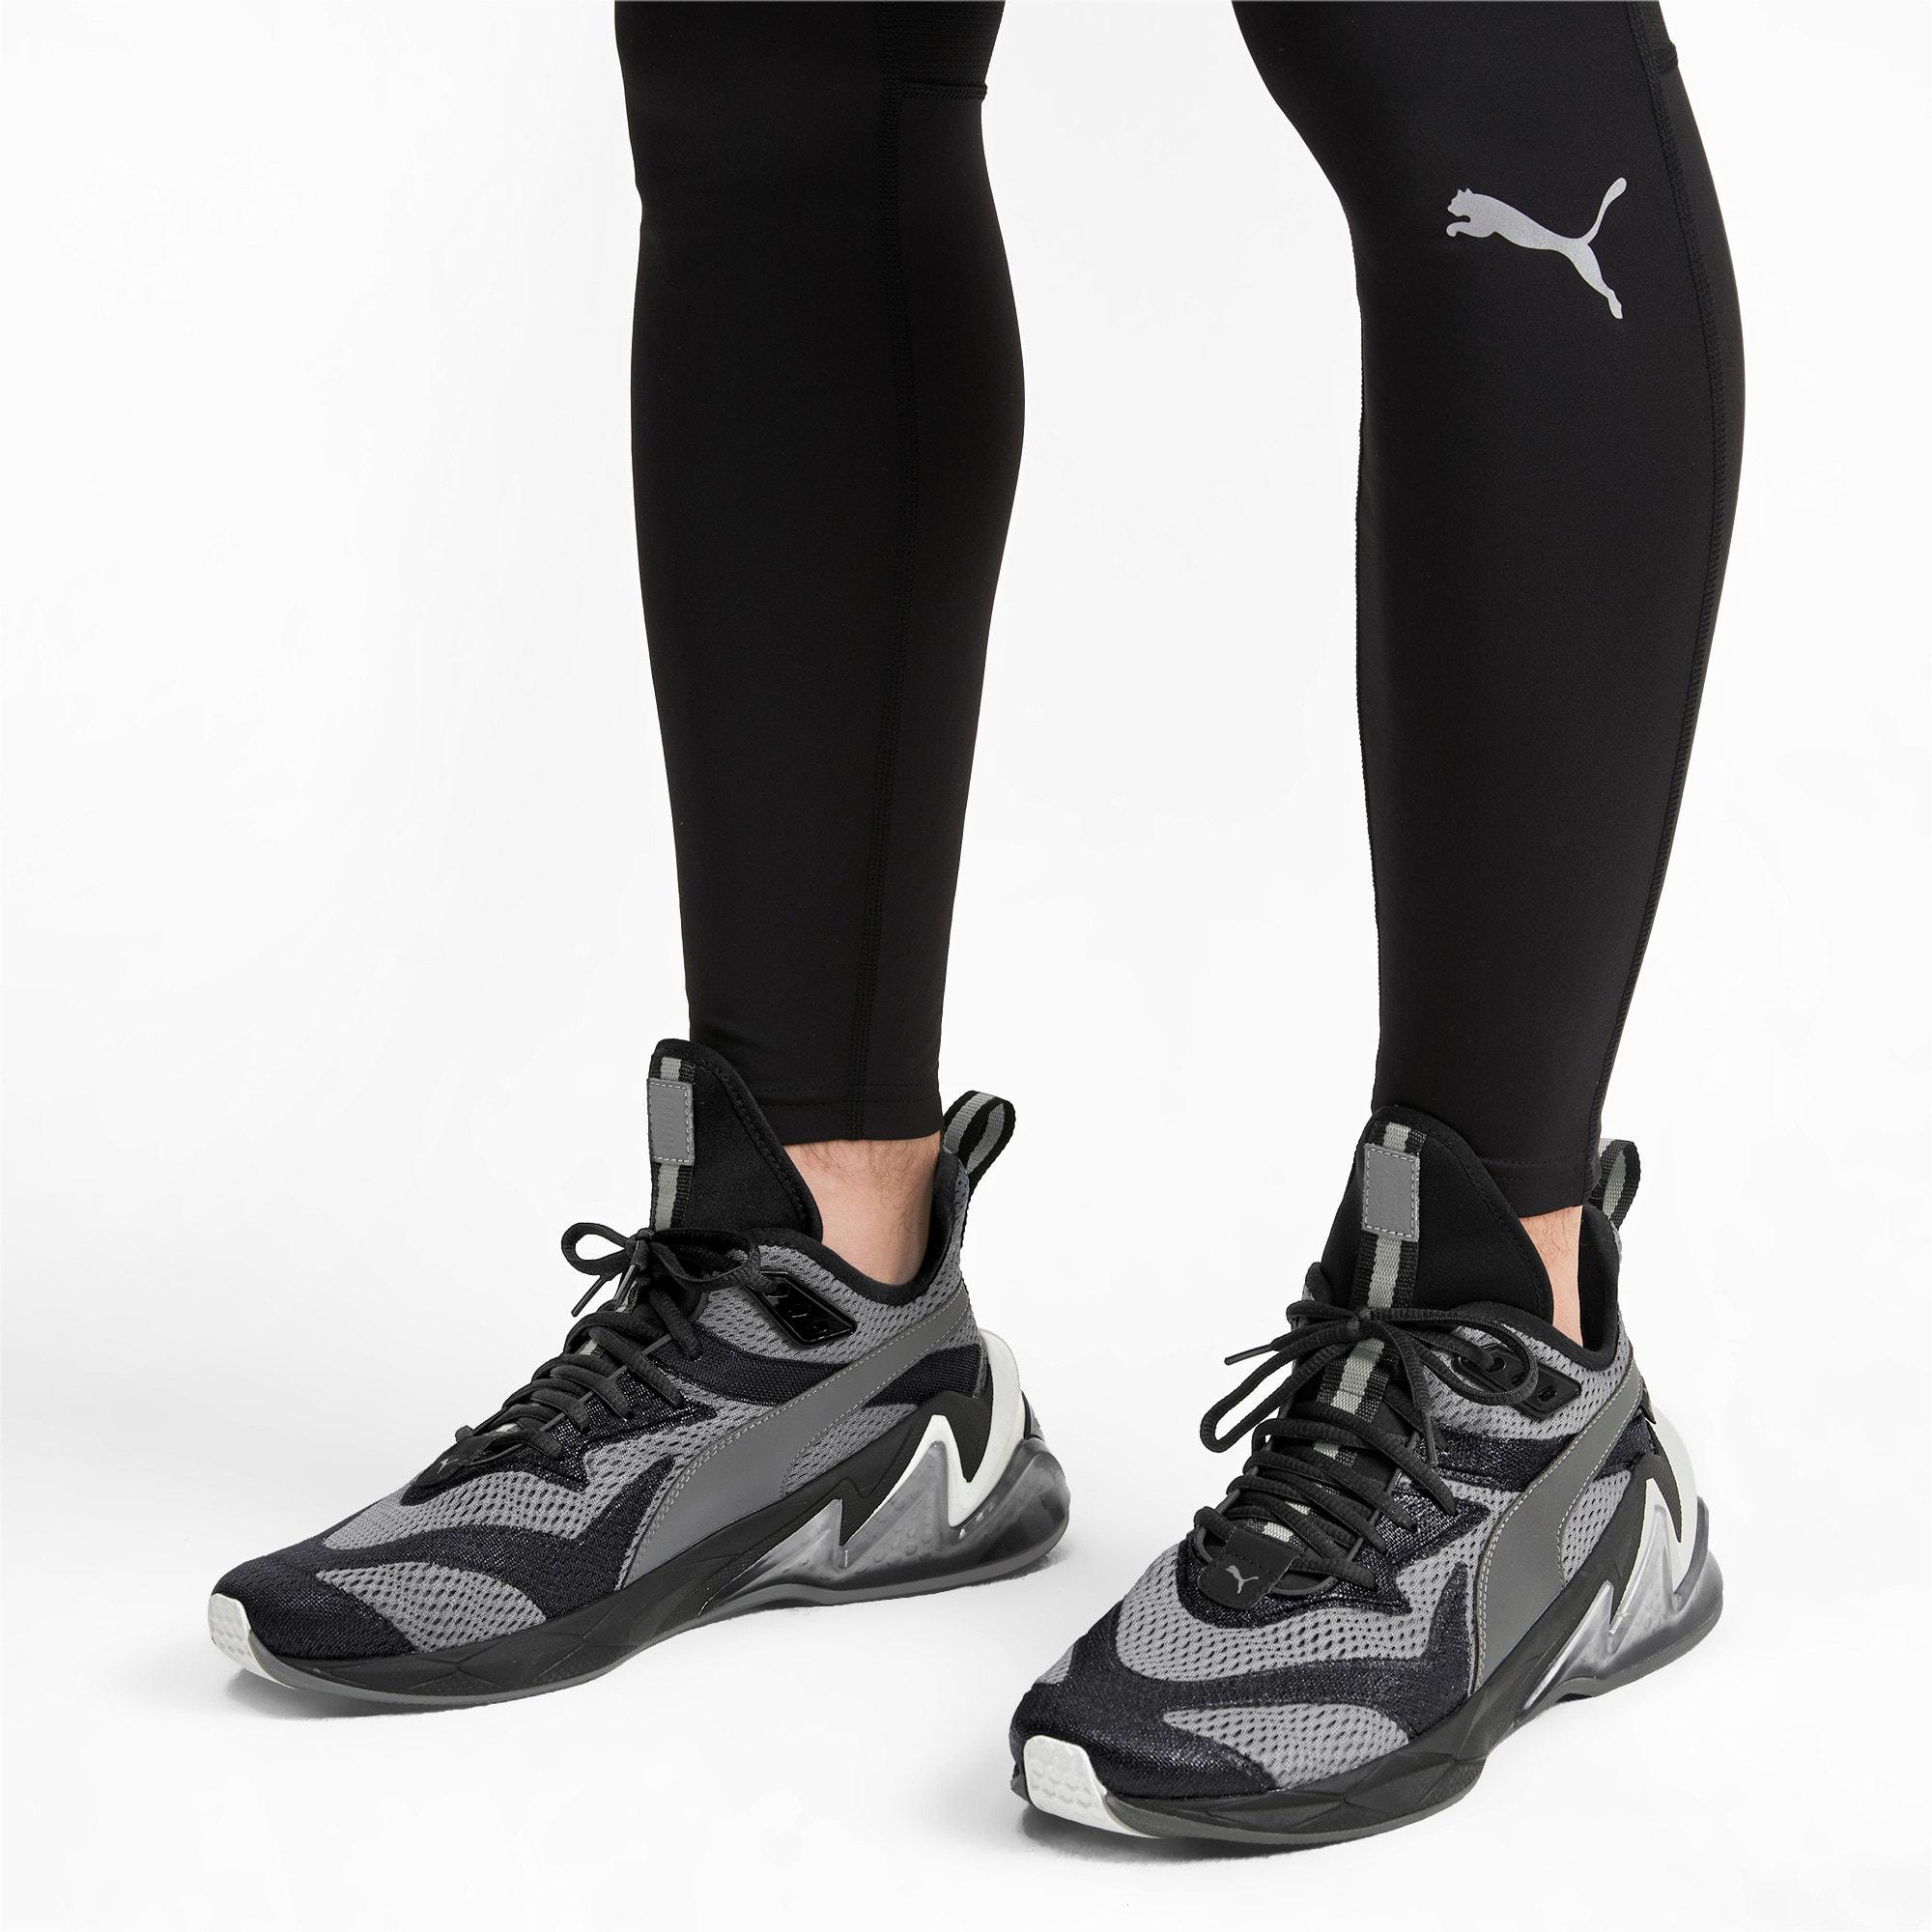 Thumbnail 2 of Chaussure d'entraînement LQDCELL Origin Tech pour homme, Puma Black-CASTLEROCK, medium